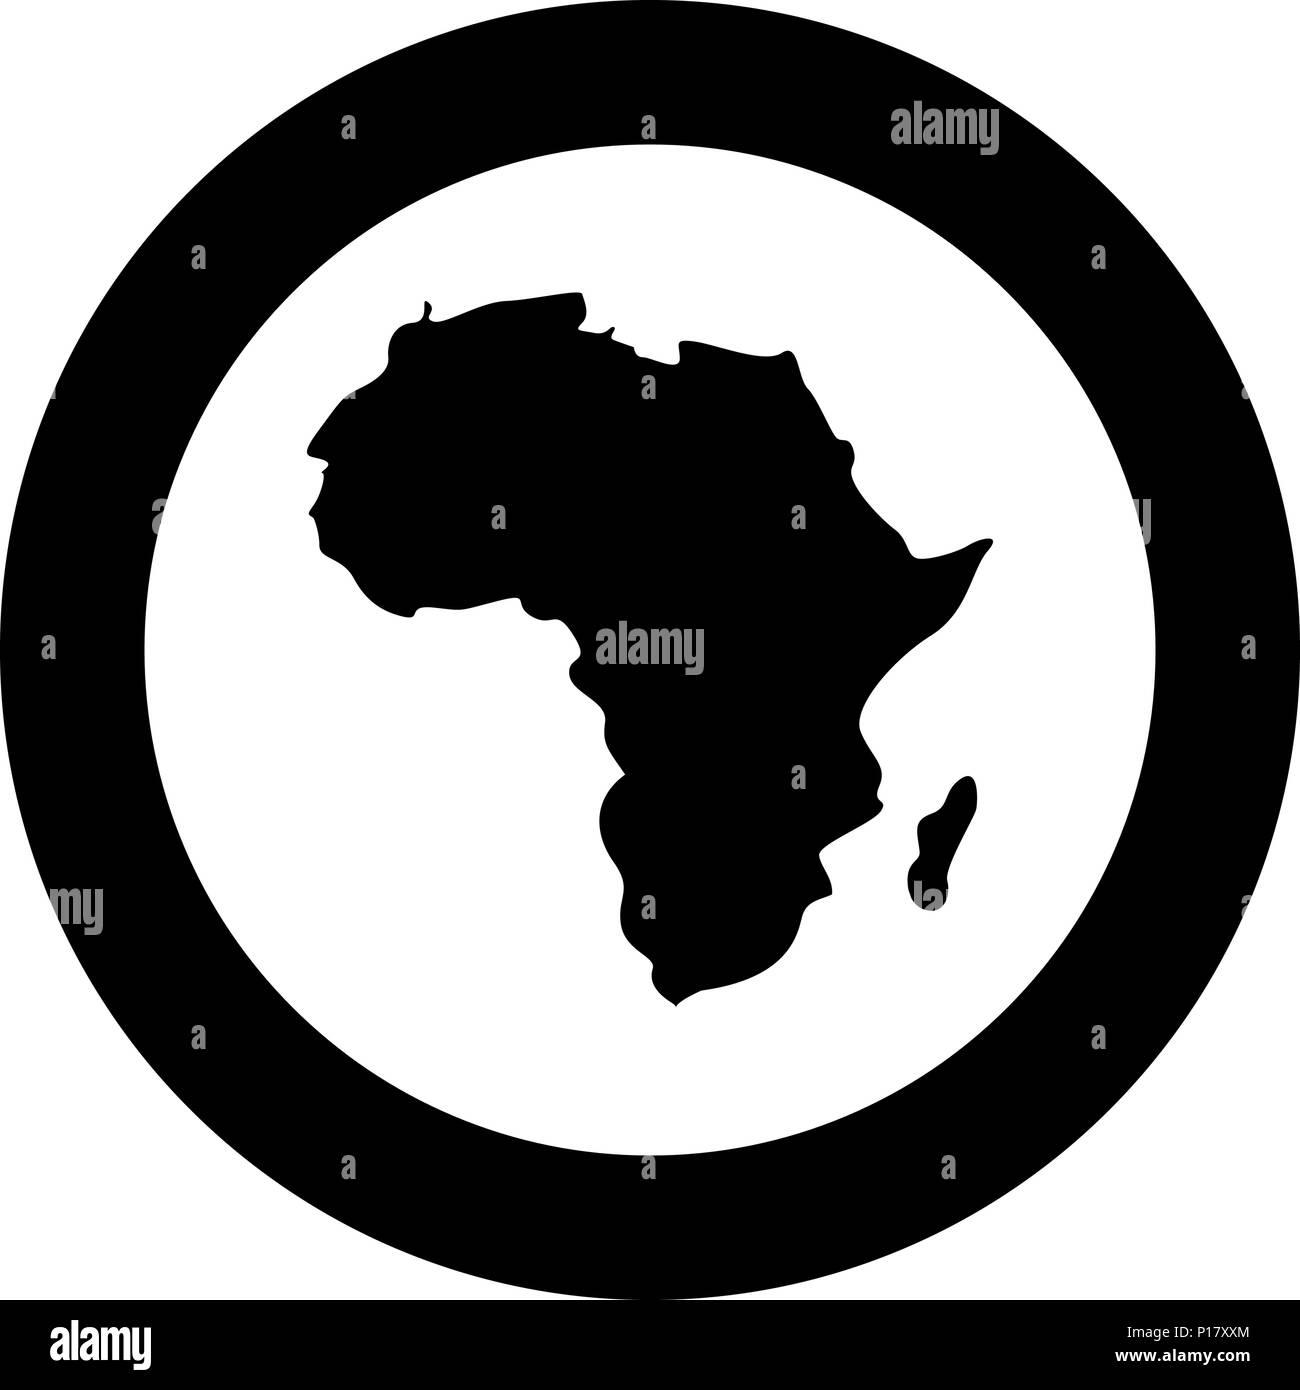 Cartina Dell Africa In Bianco E Nero.Mappa Di Africa Icona Di Colore Nero In Cerchio Intorno Vettore I Immagine E Vettoriale Alamy